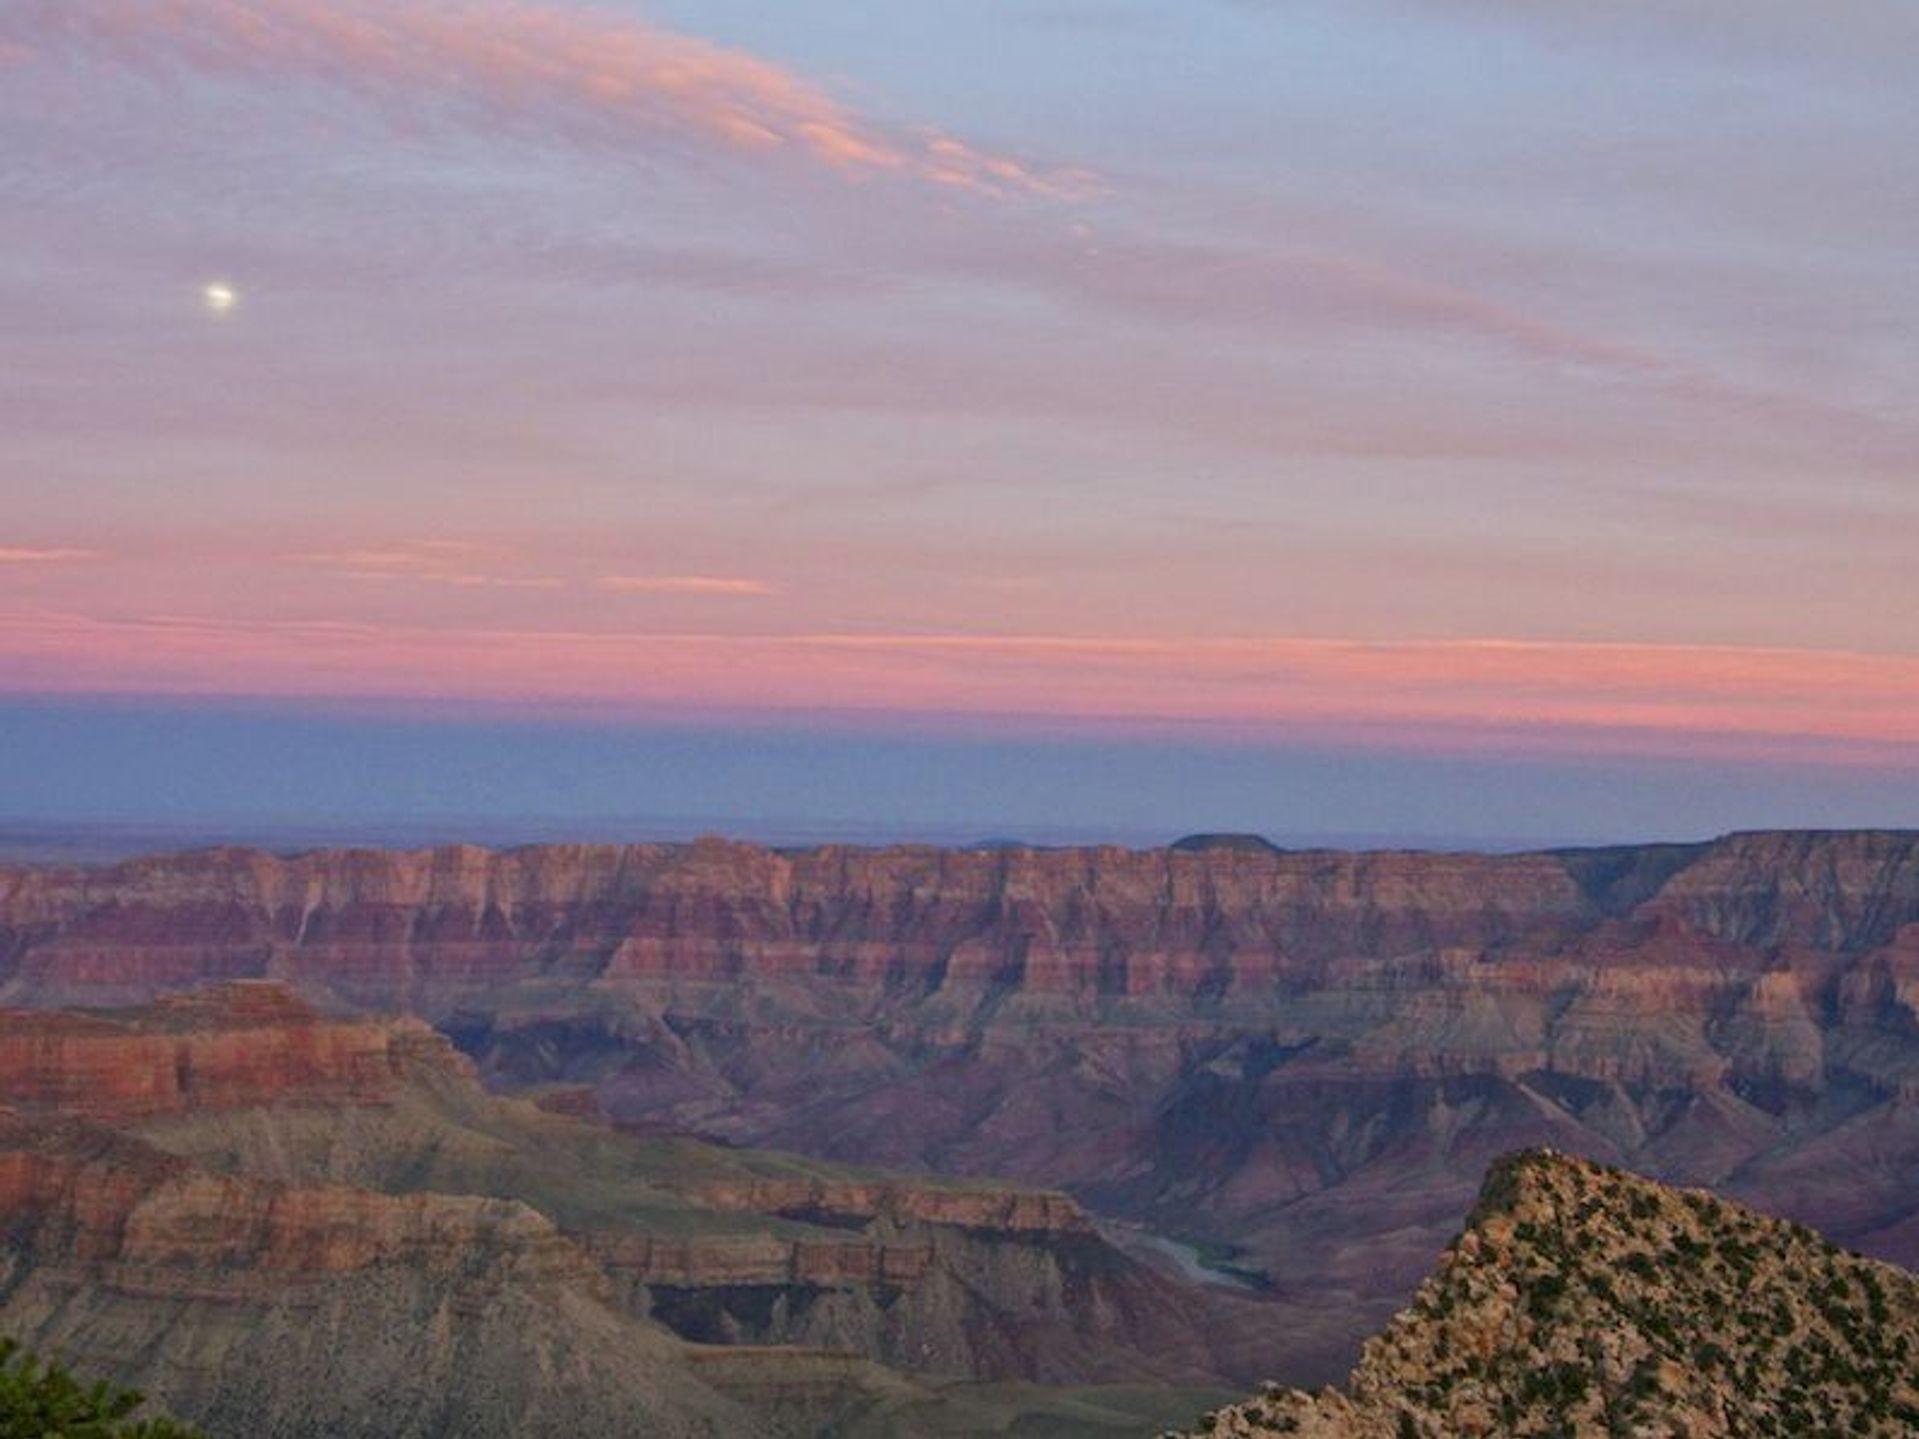 La puesta de sol en el lado oeste de Grand Canyon North Rim. La luna se elevaba en el cielo de color rosa.